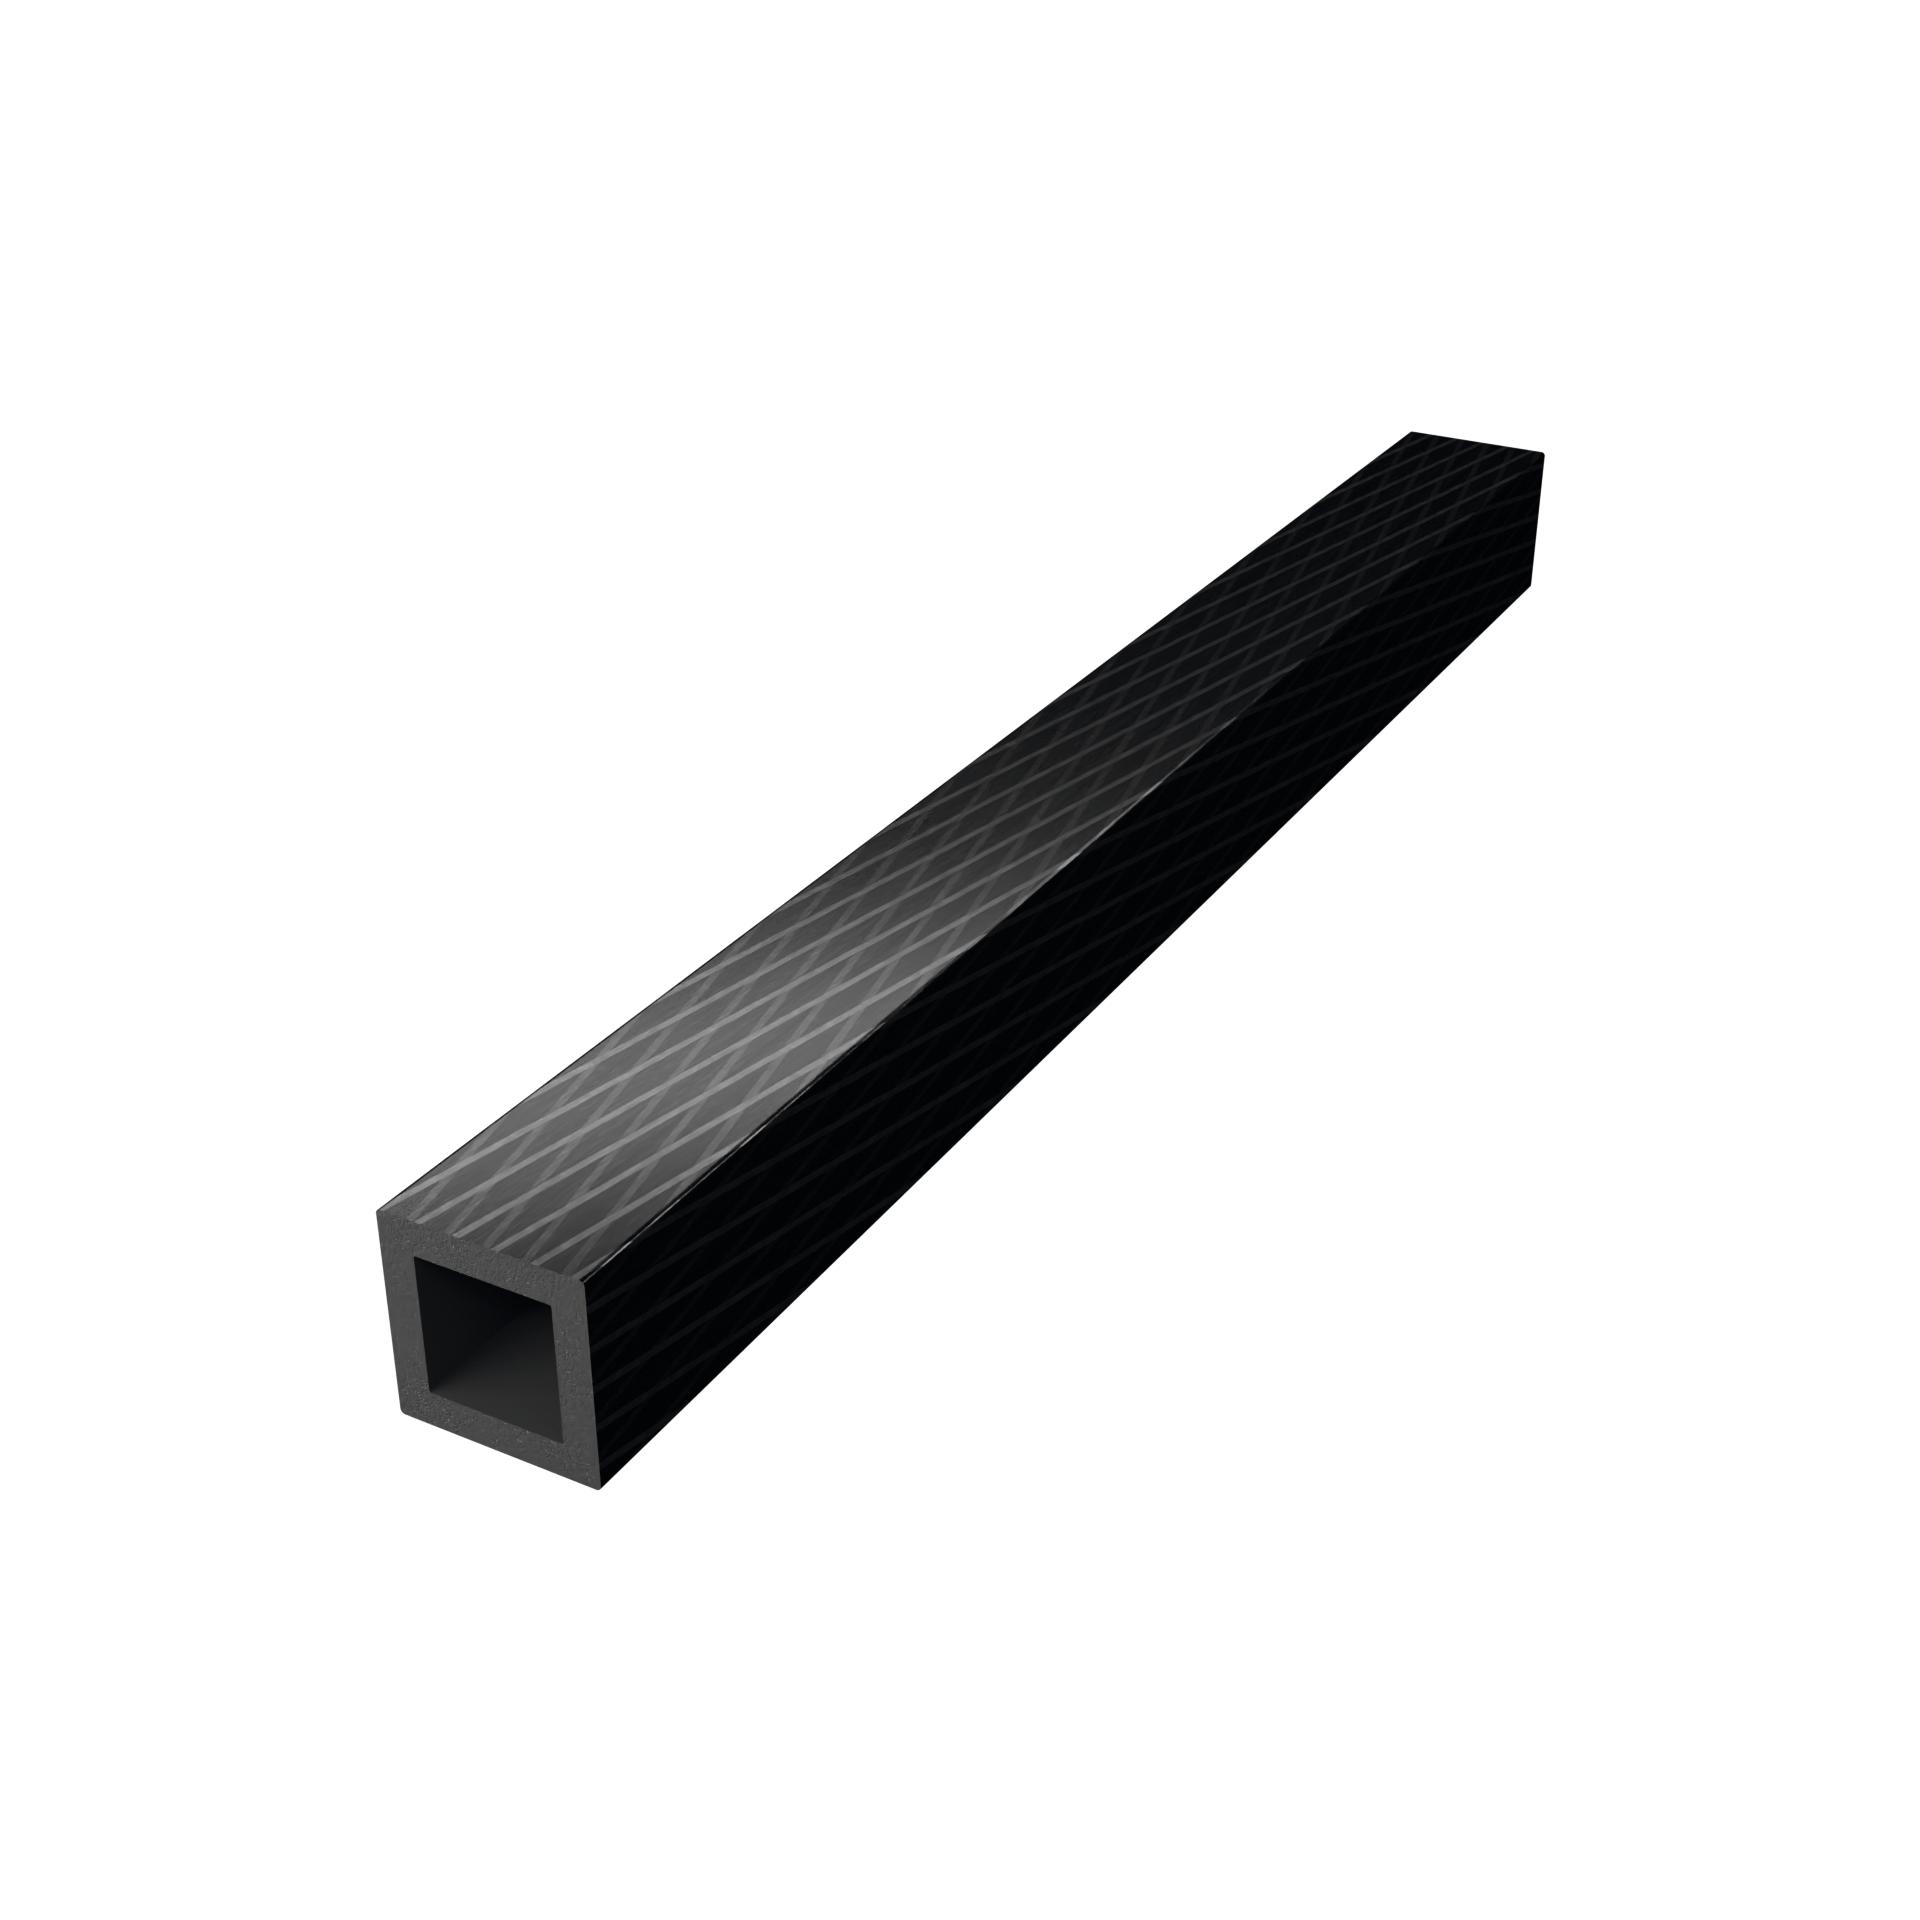 CarboSix carbon fibre Rectangular tubes